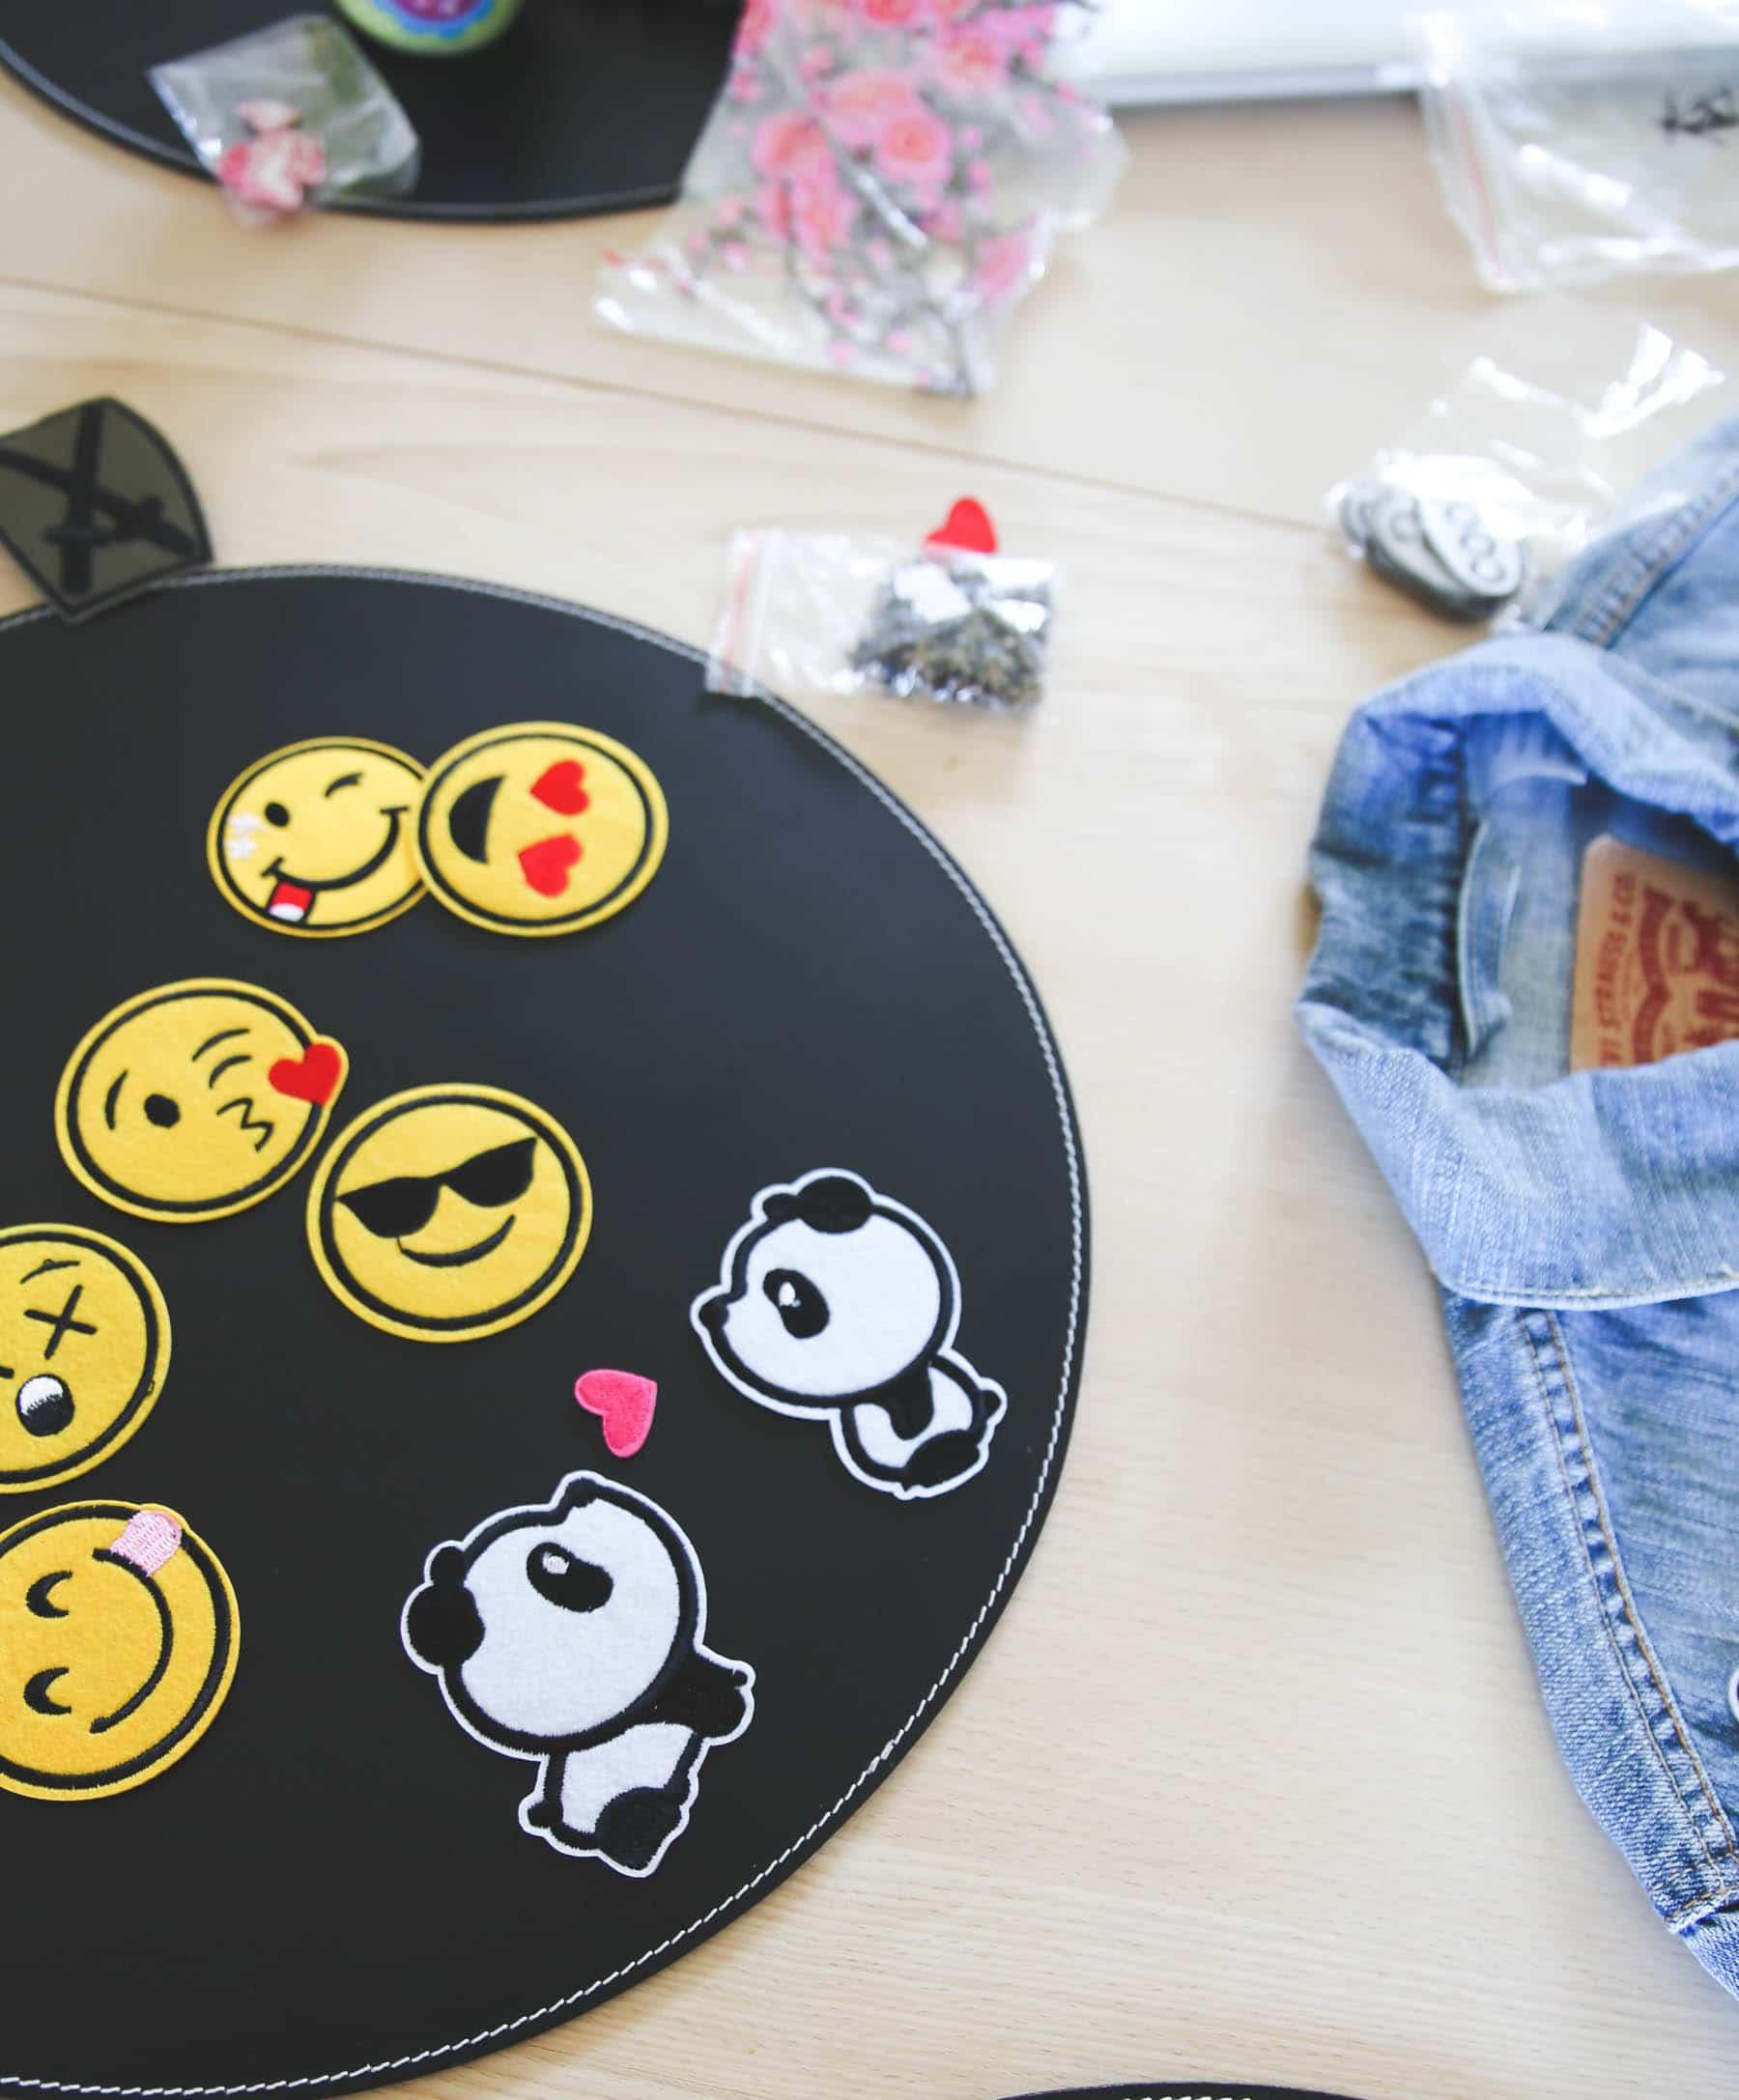 DIY gør det selv denim jakke makeover, strygemærker